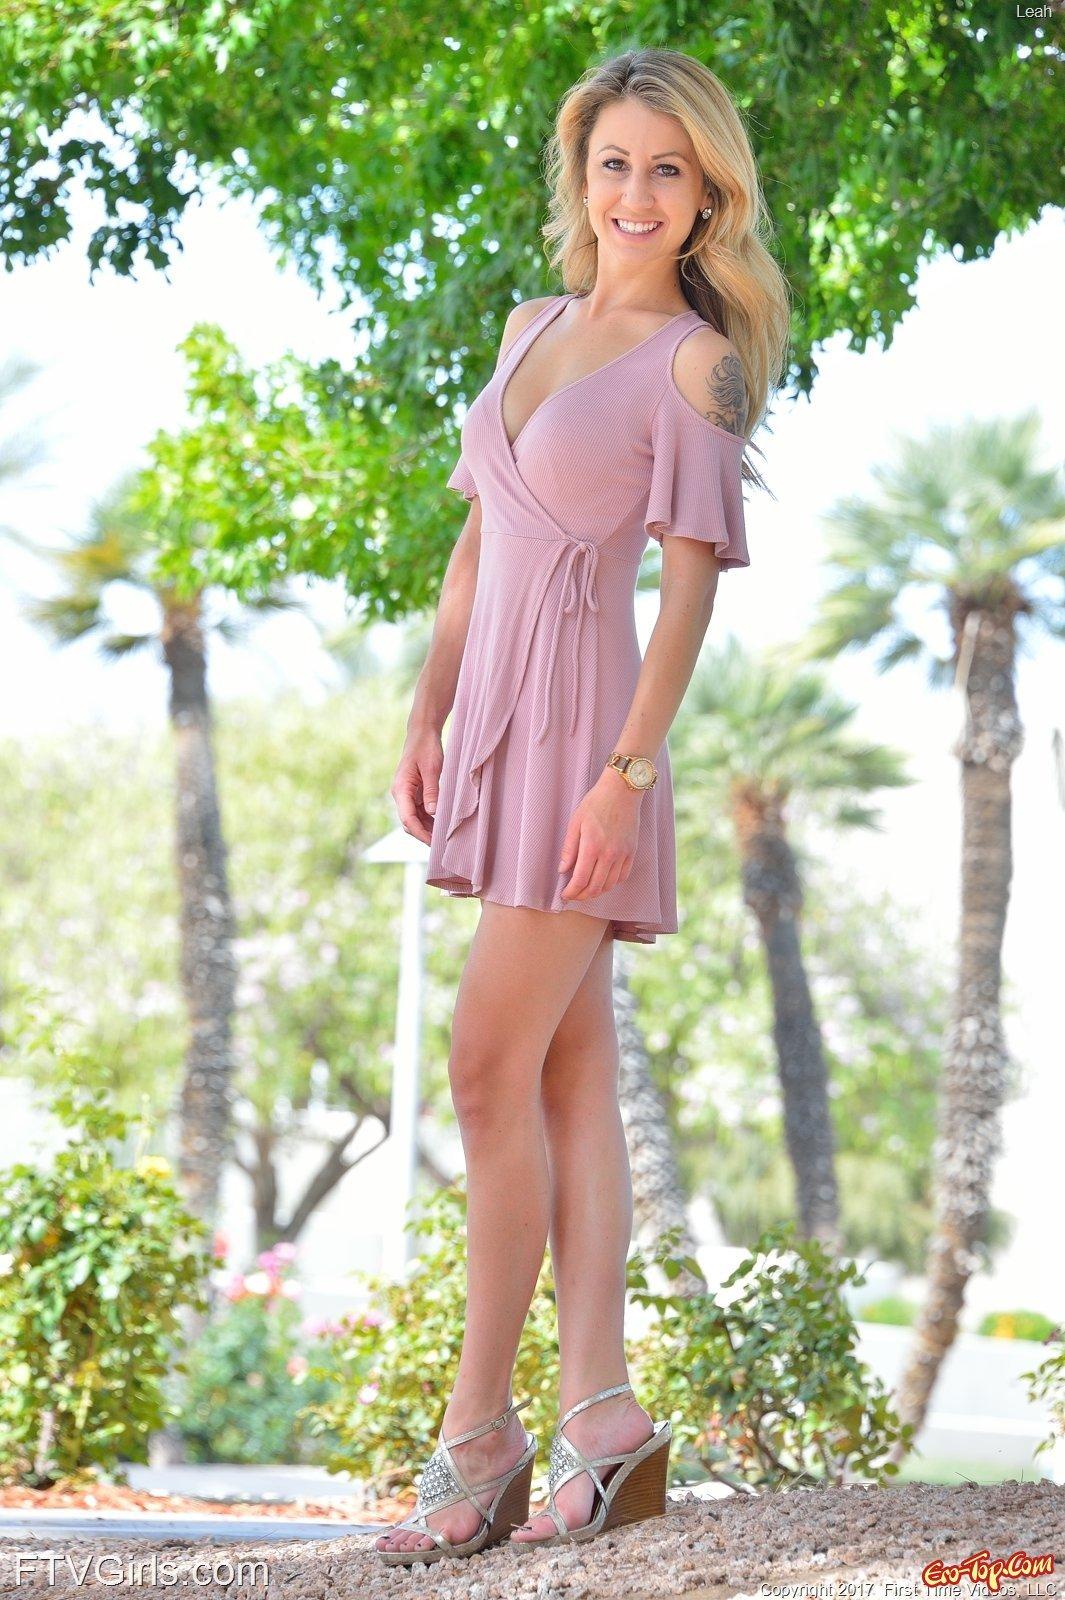 Девушка приподымает платье засвечивая бритую киску